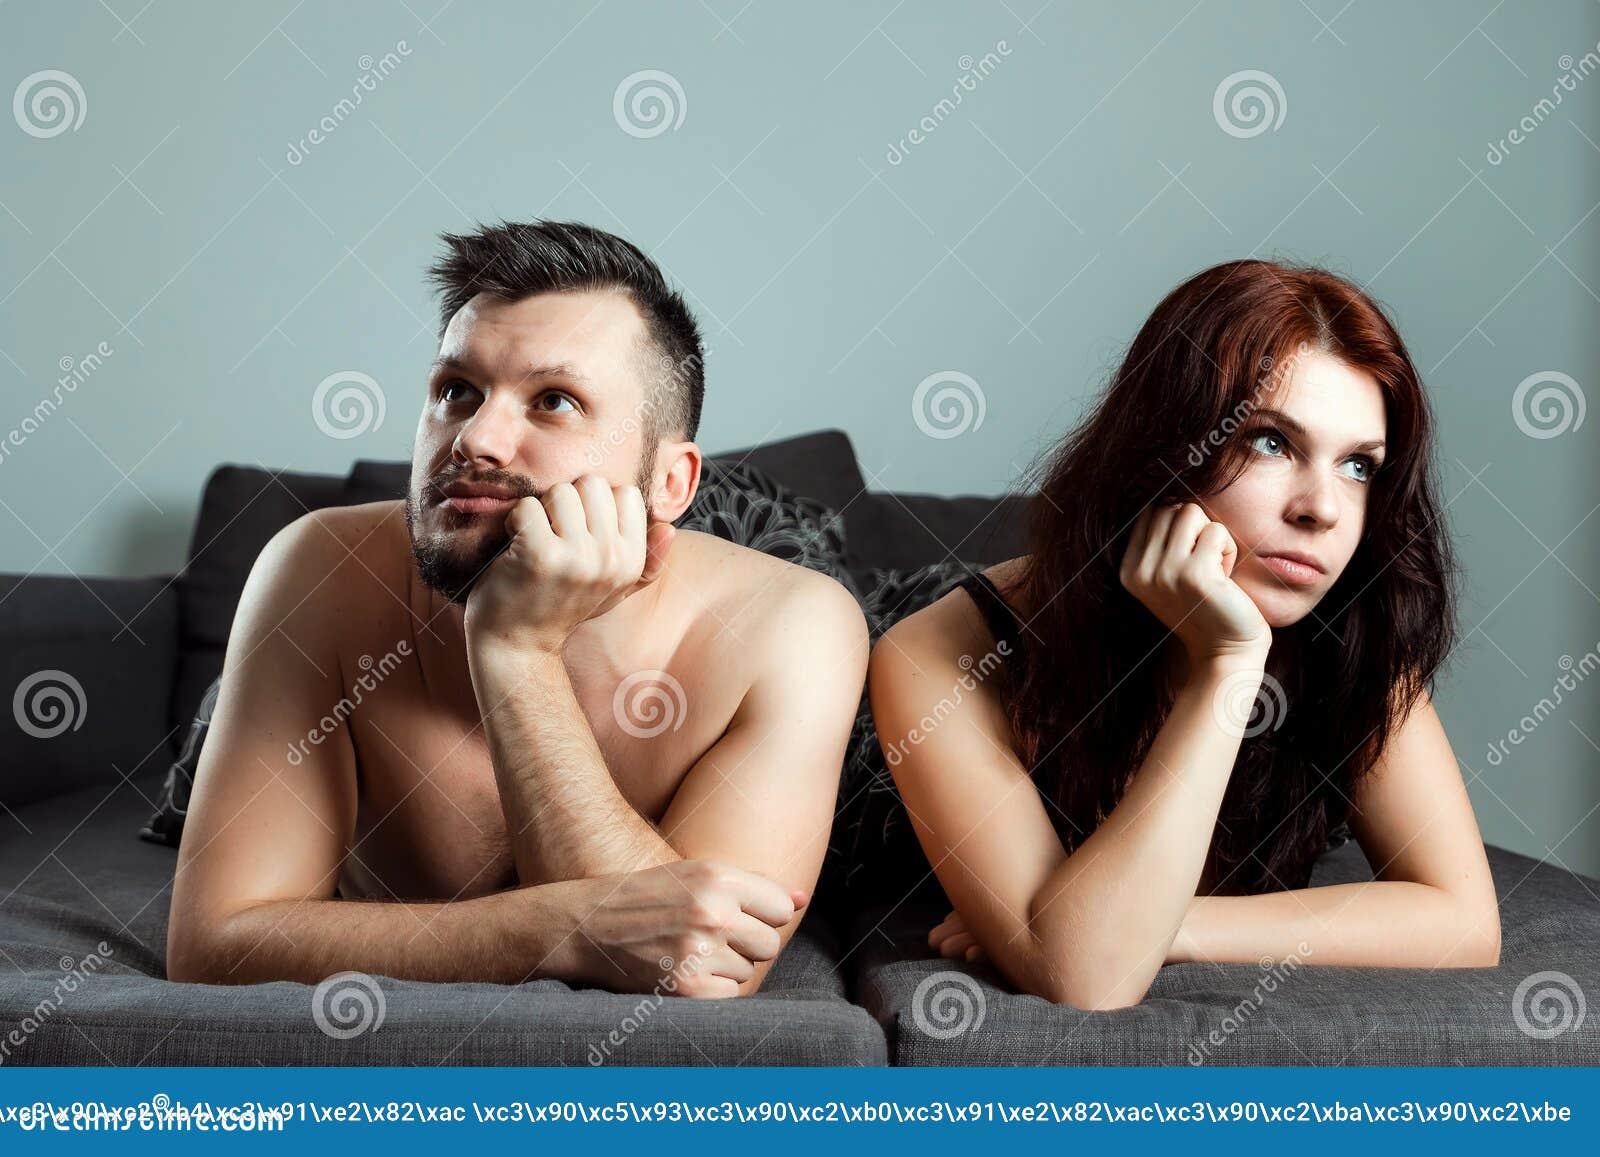 Free porn amateur home